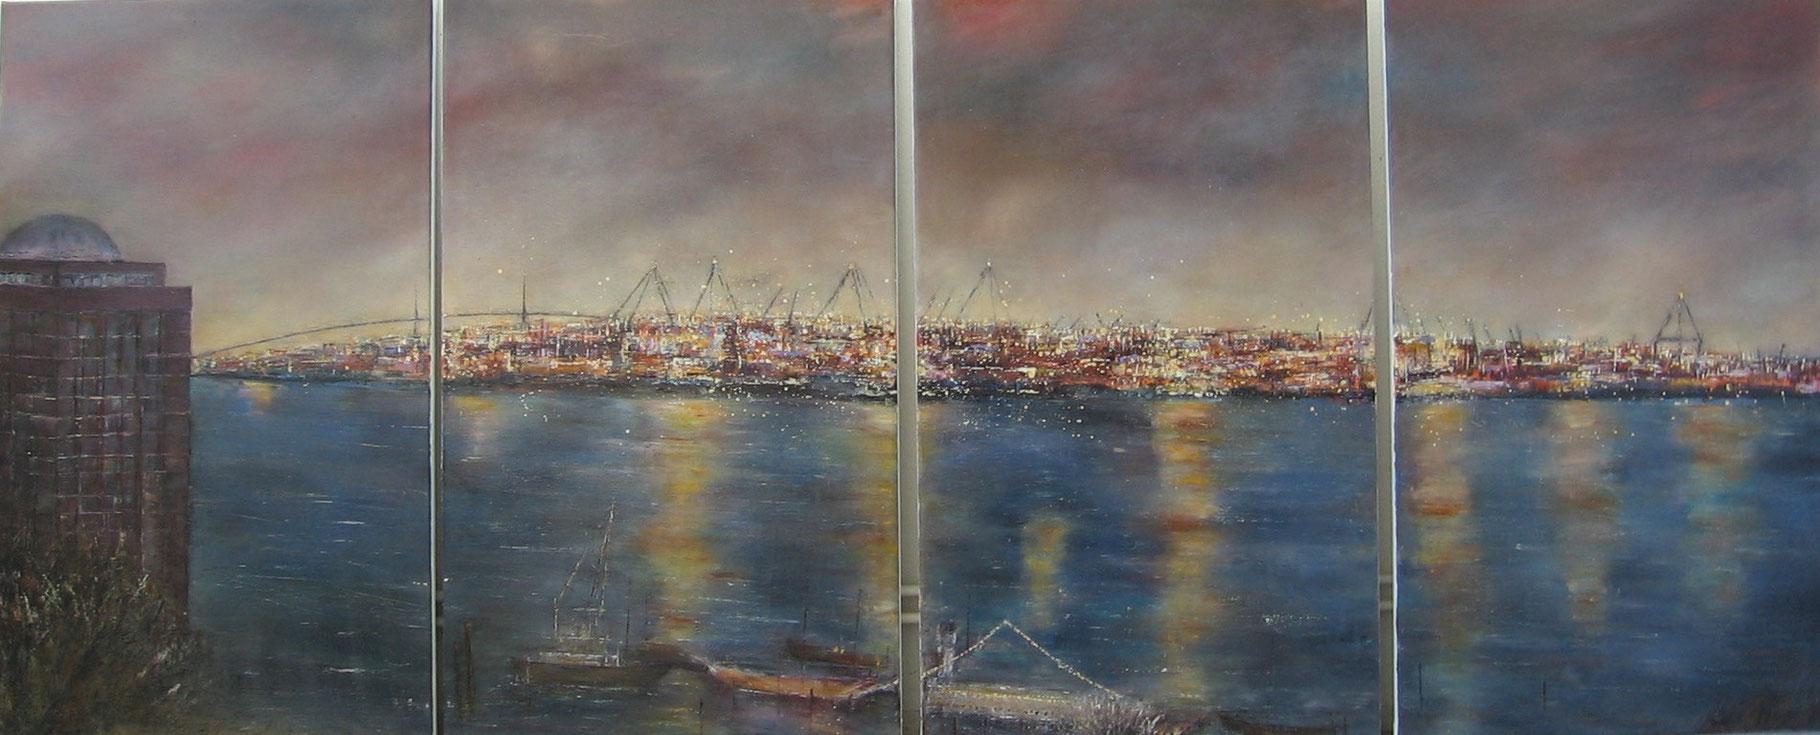 Le Canard, 4x 100x60 cm Öl auf Leinwand 2006 VERK.